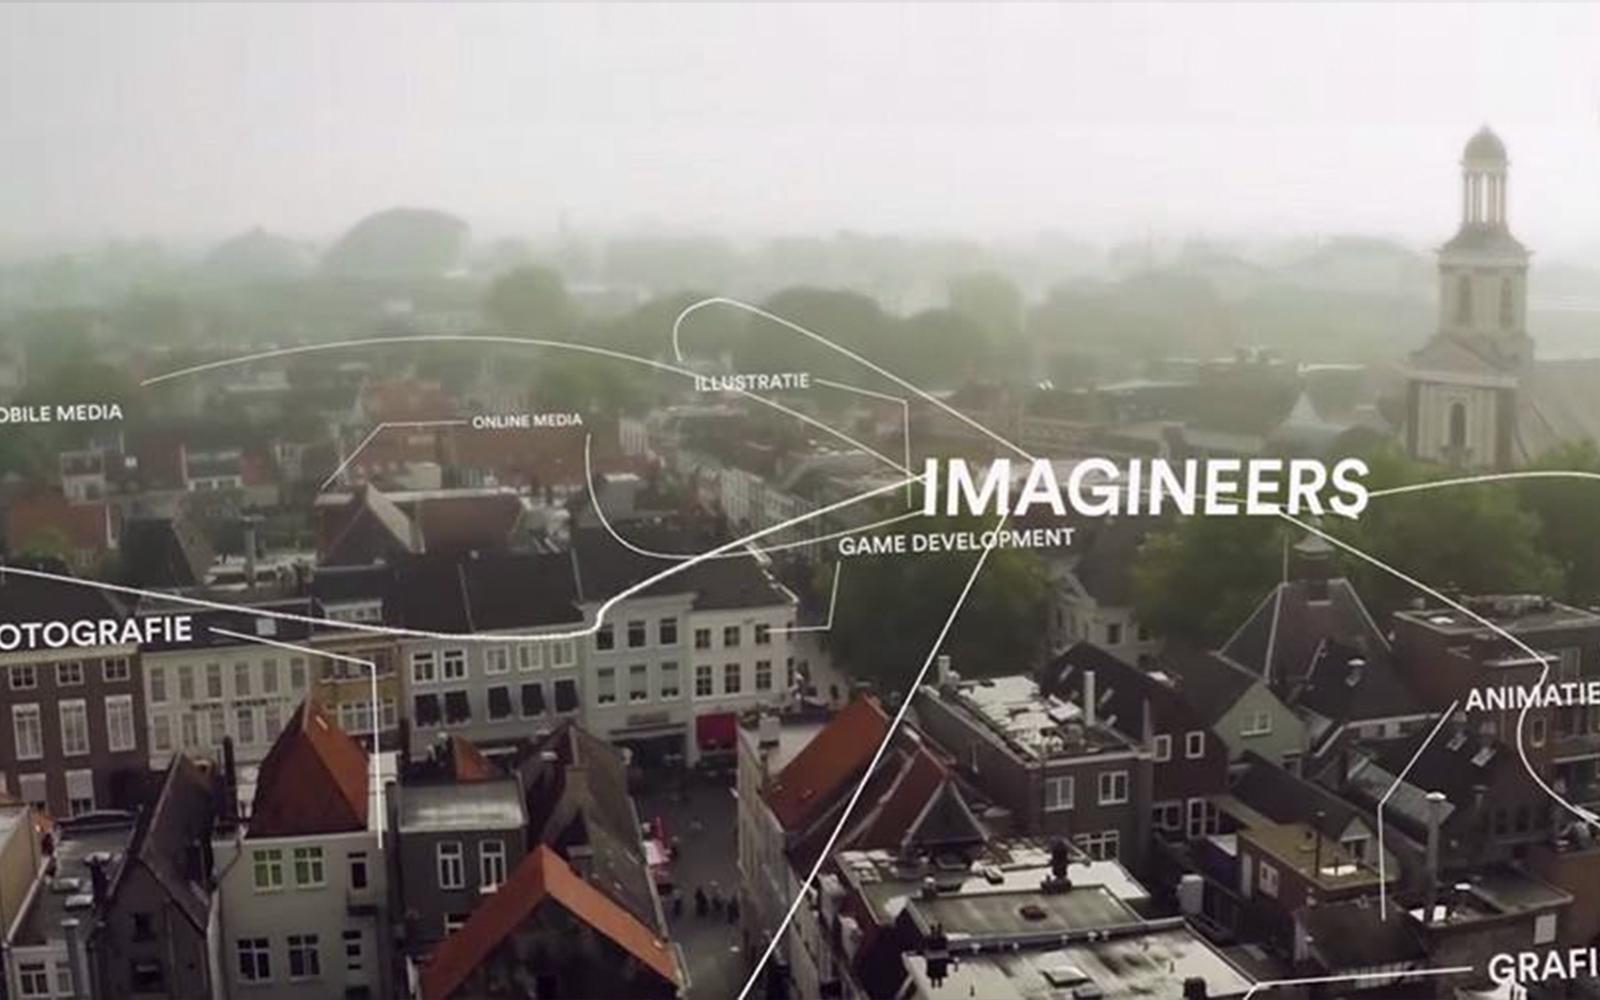 Introductie film voor City of imagineers Breda promotie video